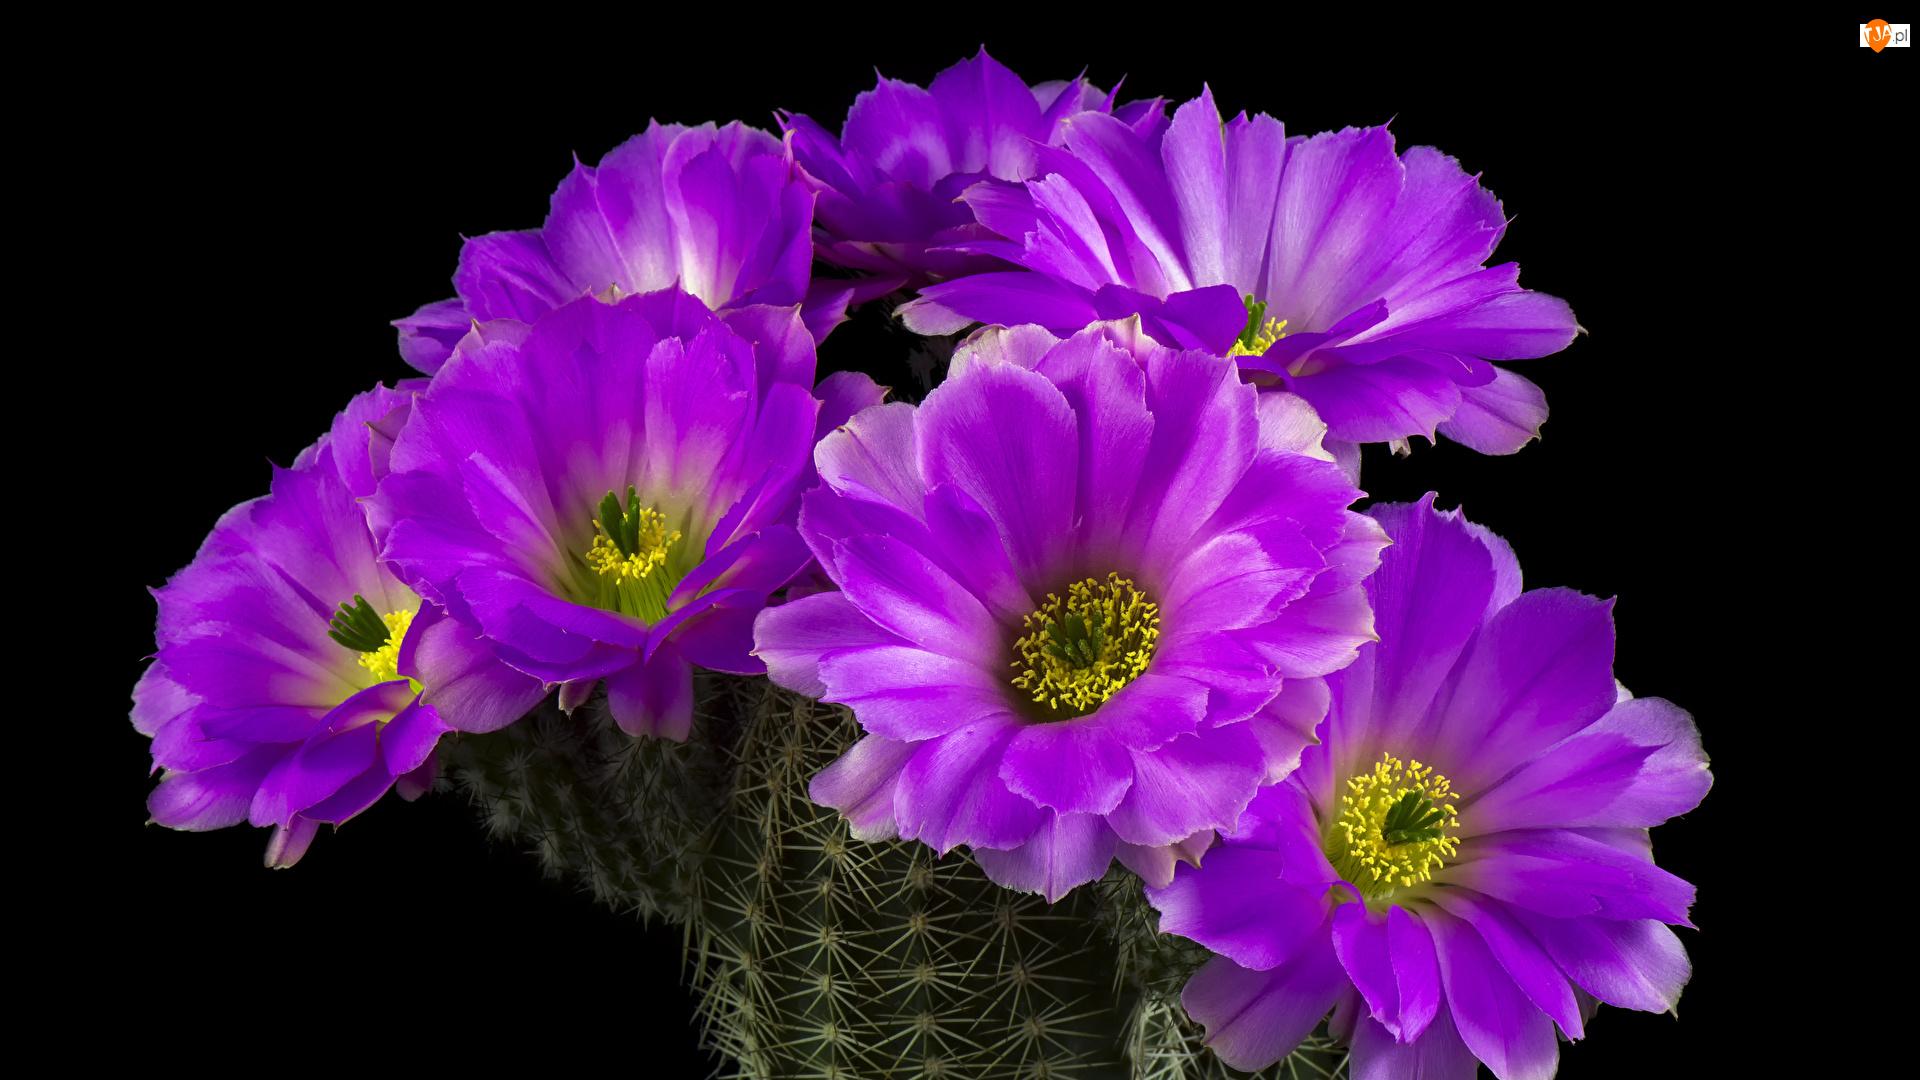 Echinocereus reichenbachii, Kaktus, Kwiaty, Czarne tło, Fioletowe, Zbliżenie